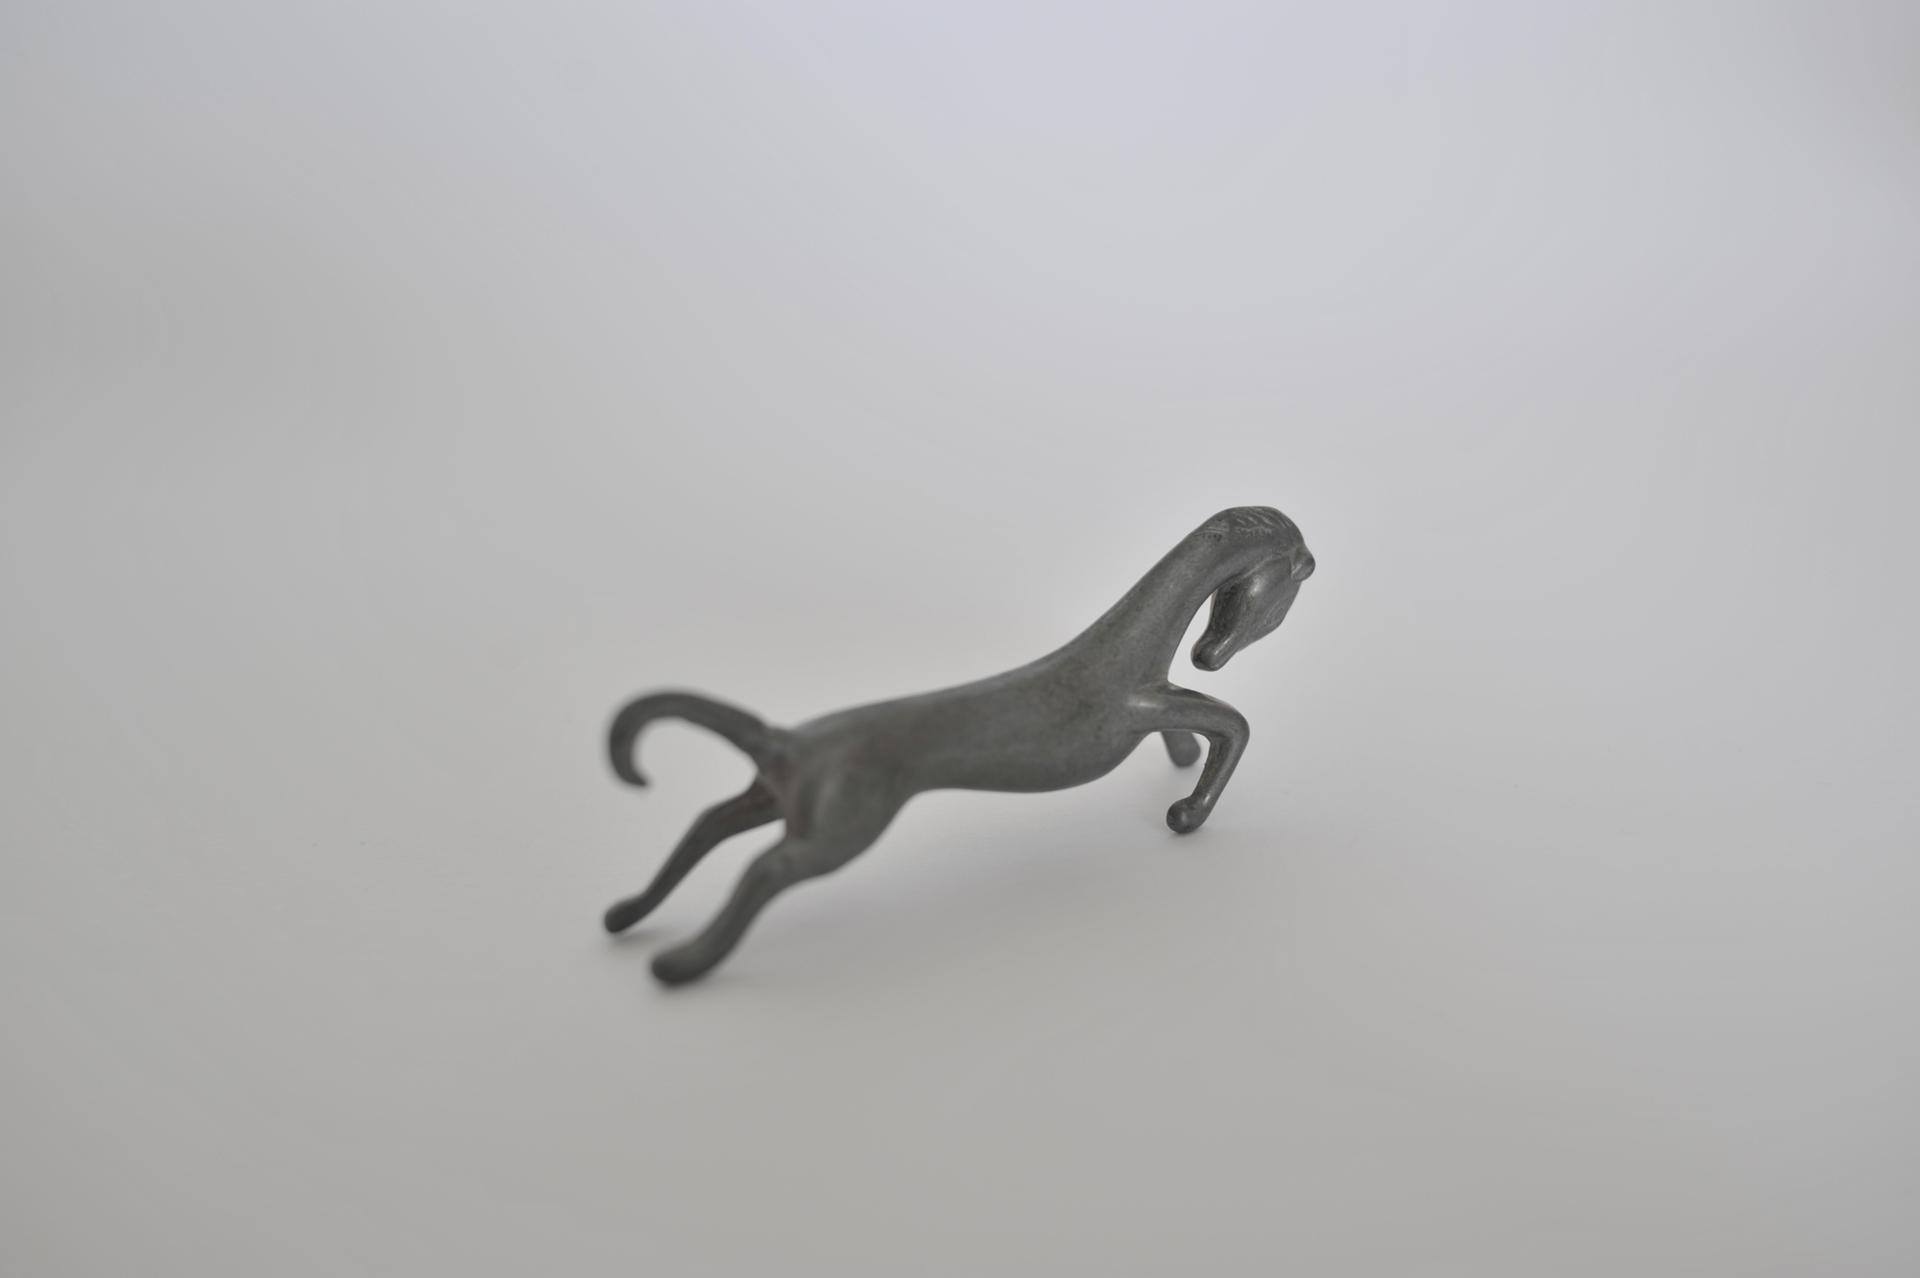 2. cavallo cane